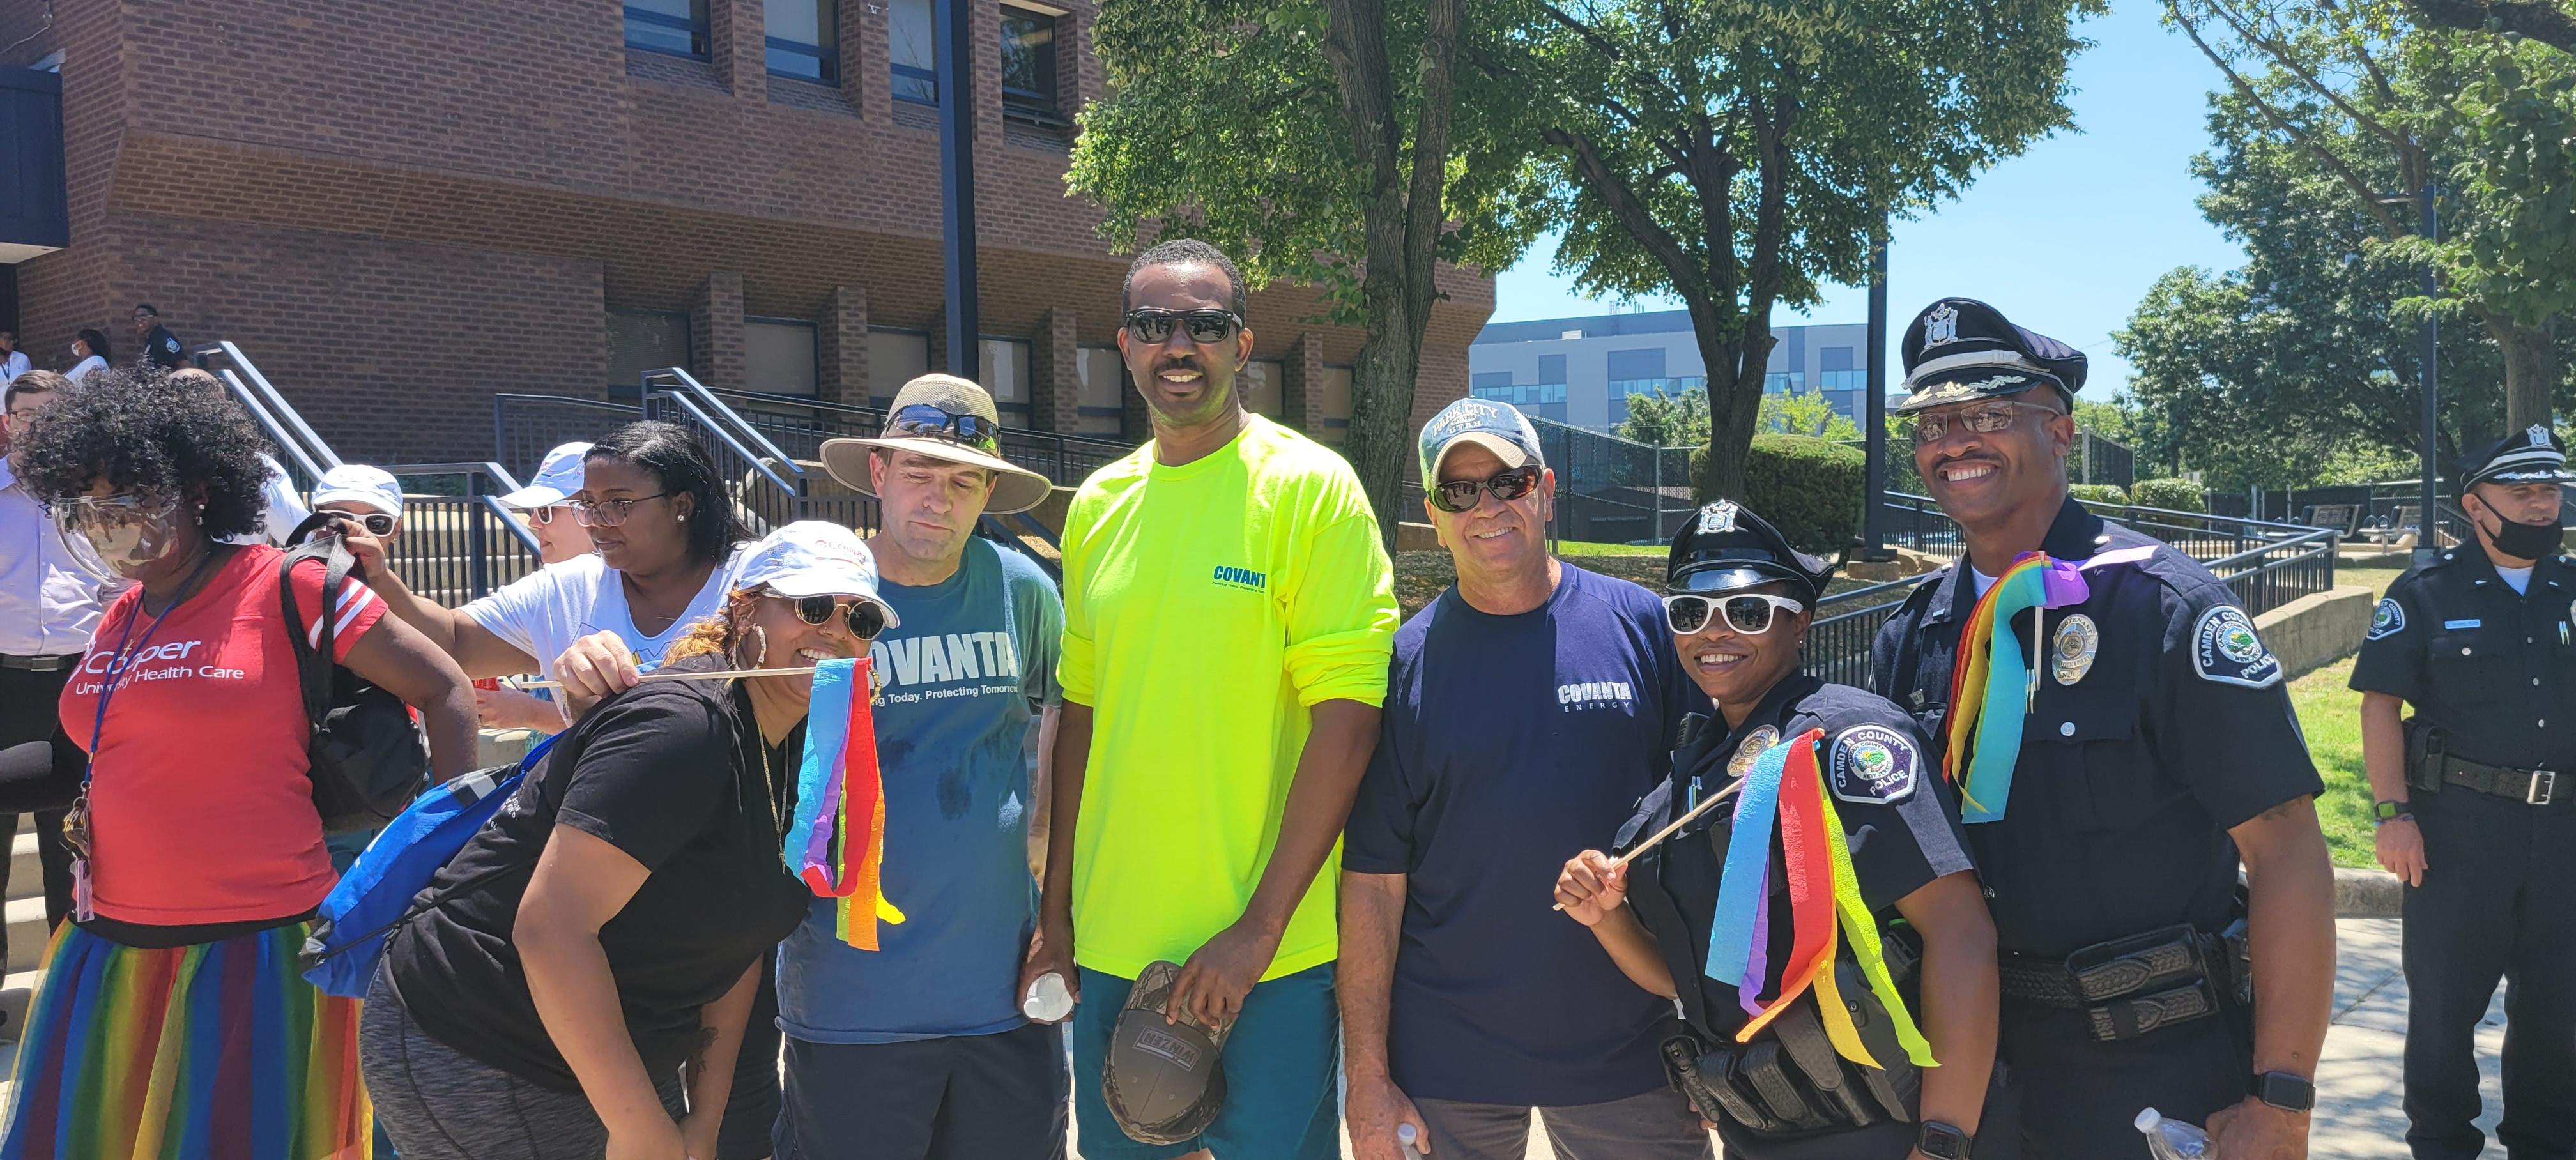 Camden Participates in Police Pride Walk